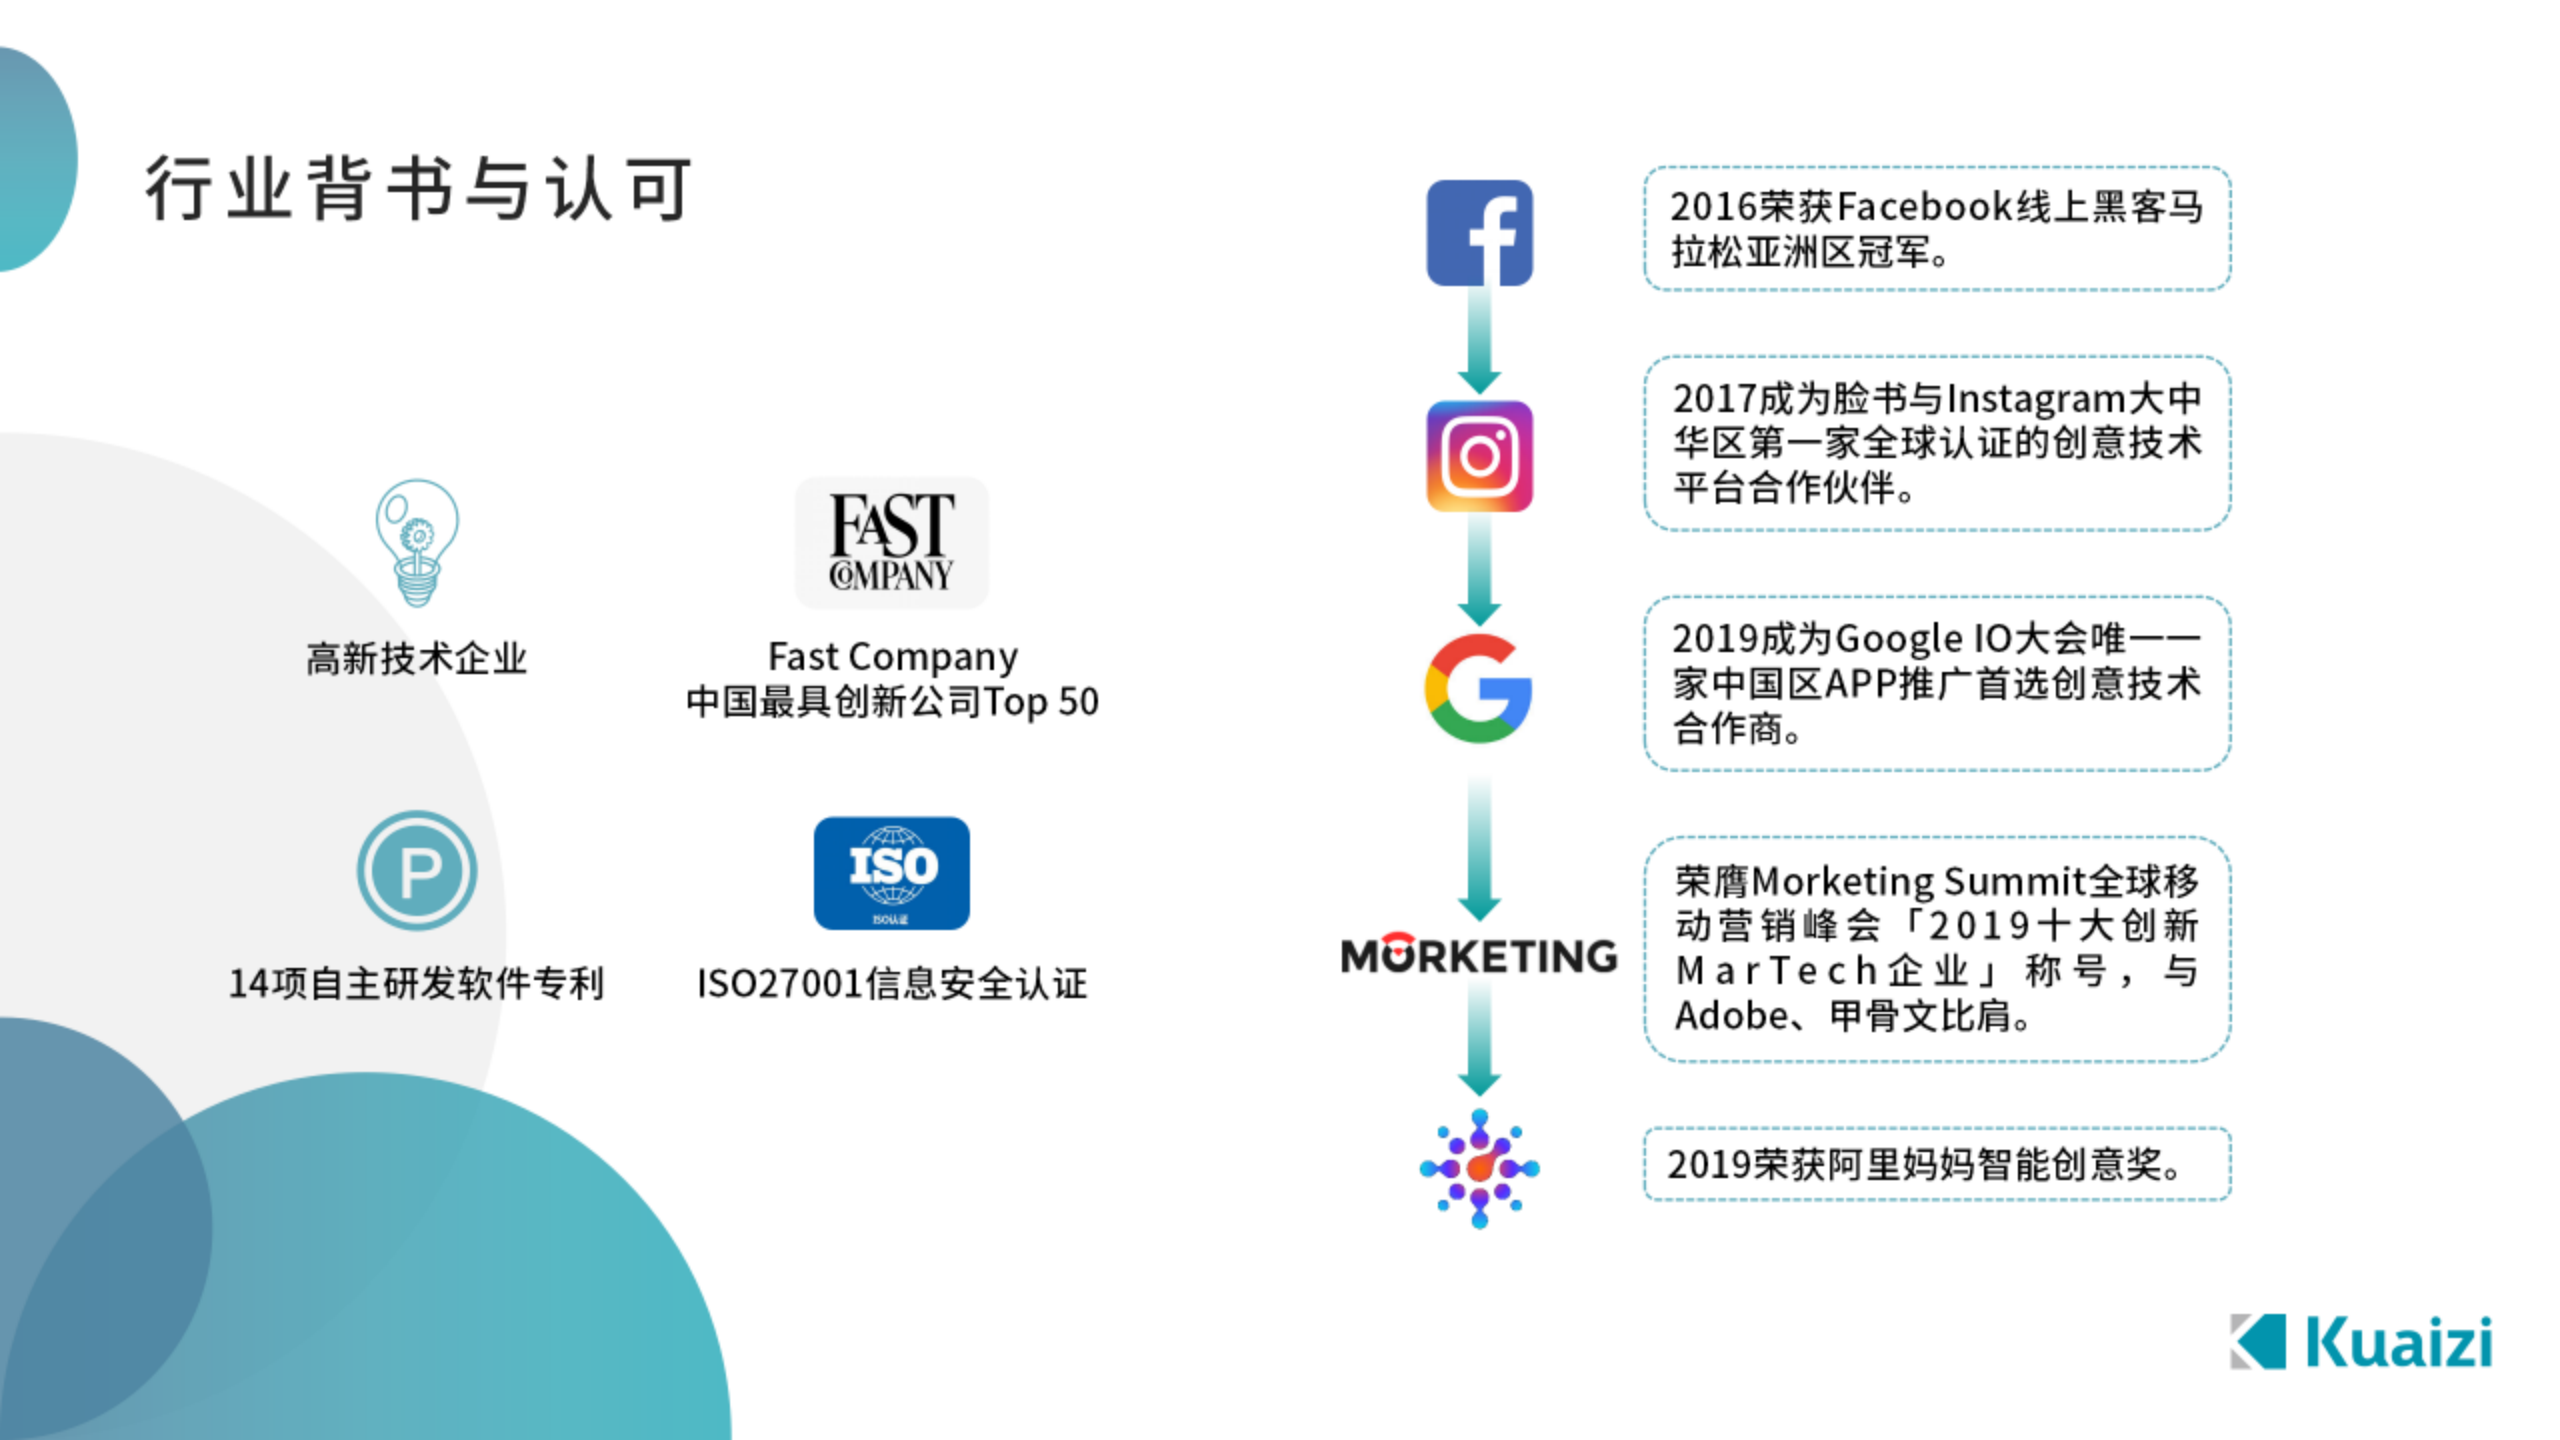 筷子SaaS简介-创意内容代理商V1.2_14.png